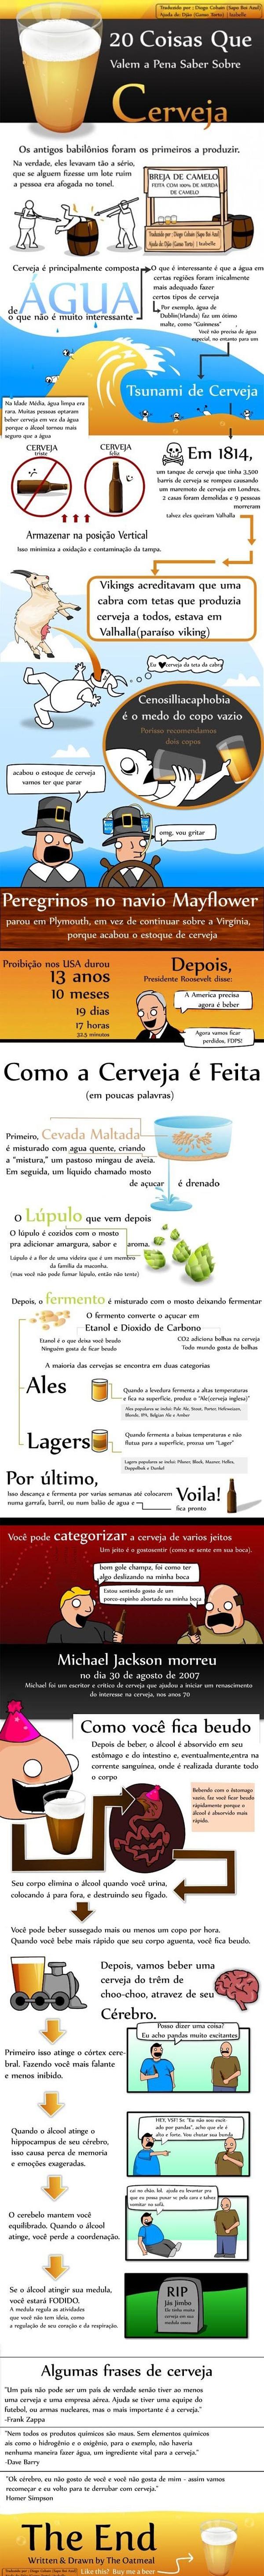 20 Coisas que vale a pena saber sobre Cerveja